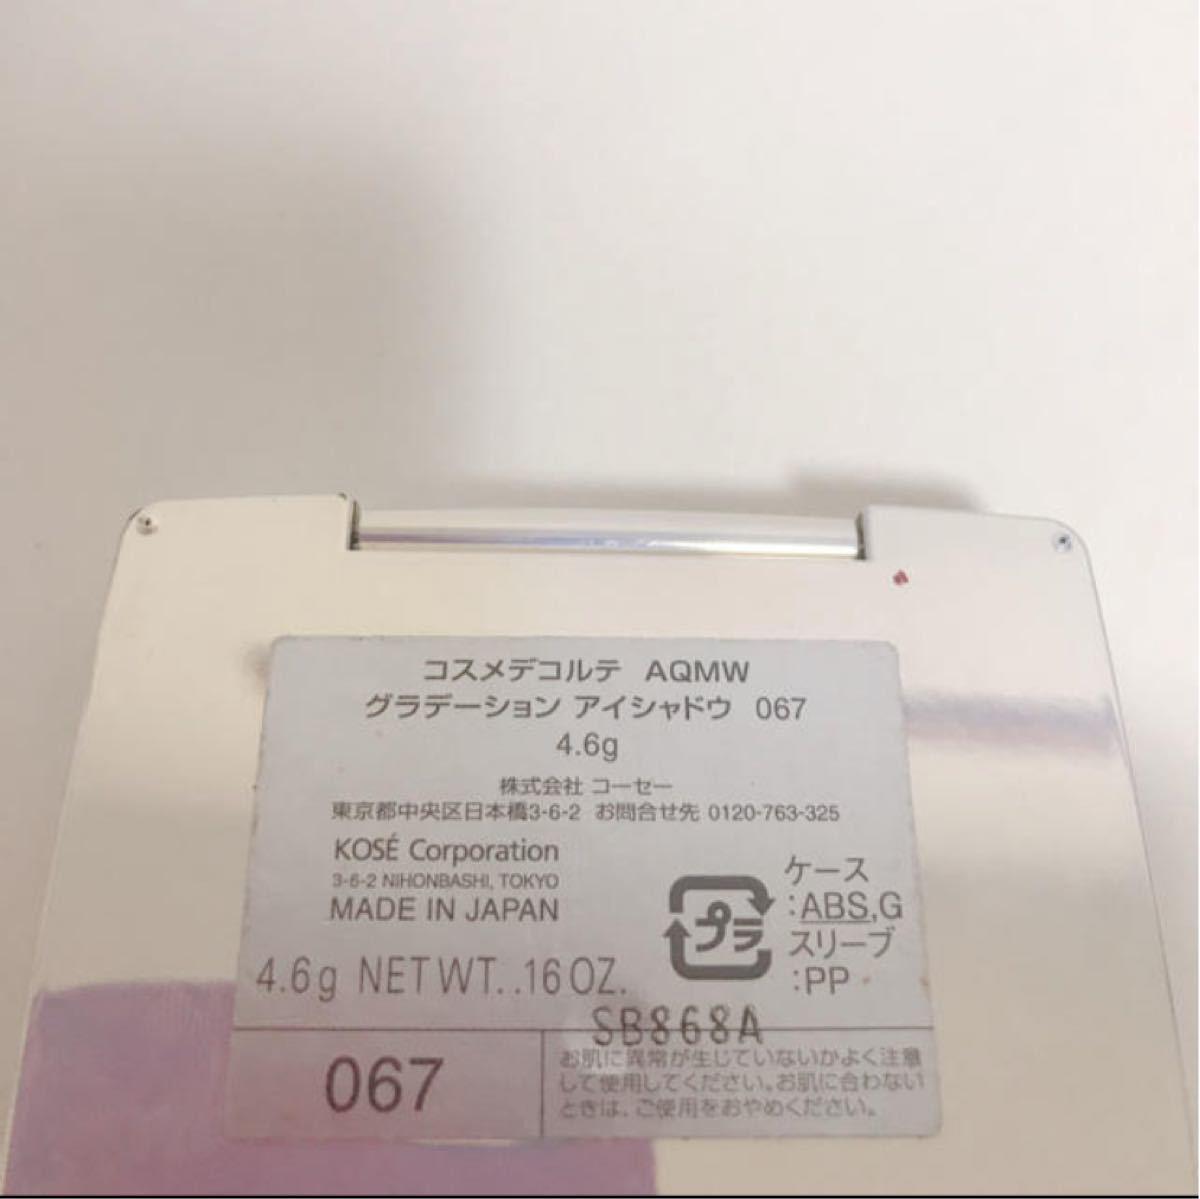 AQ MW グラデーション アイシャドウ / 067